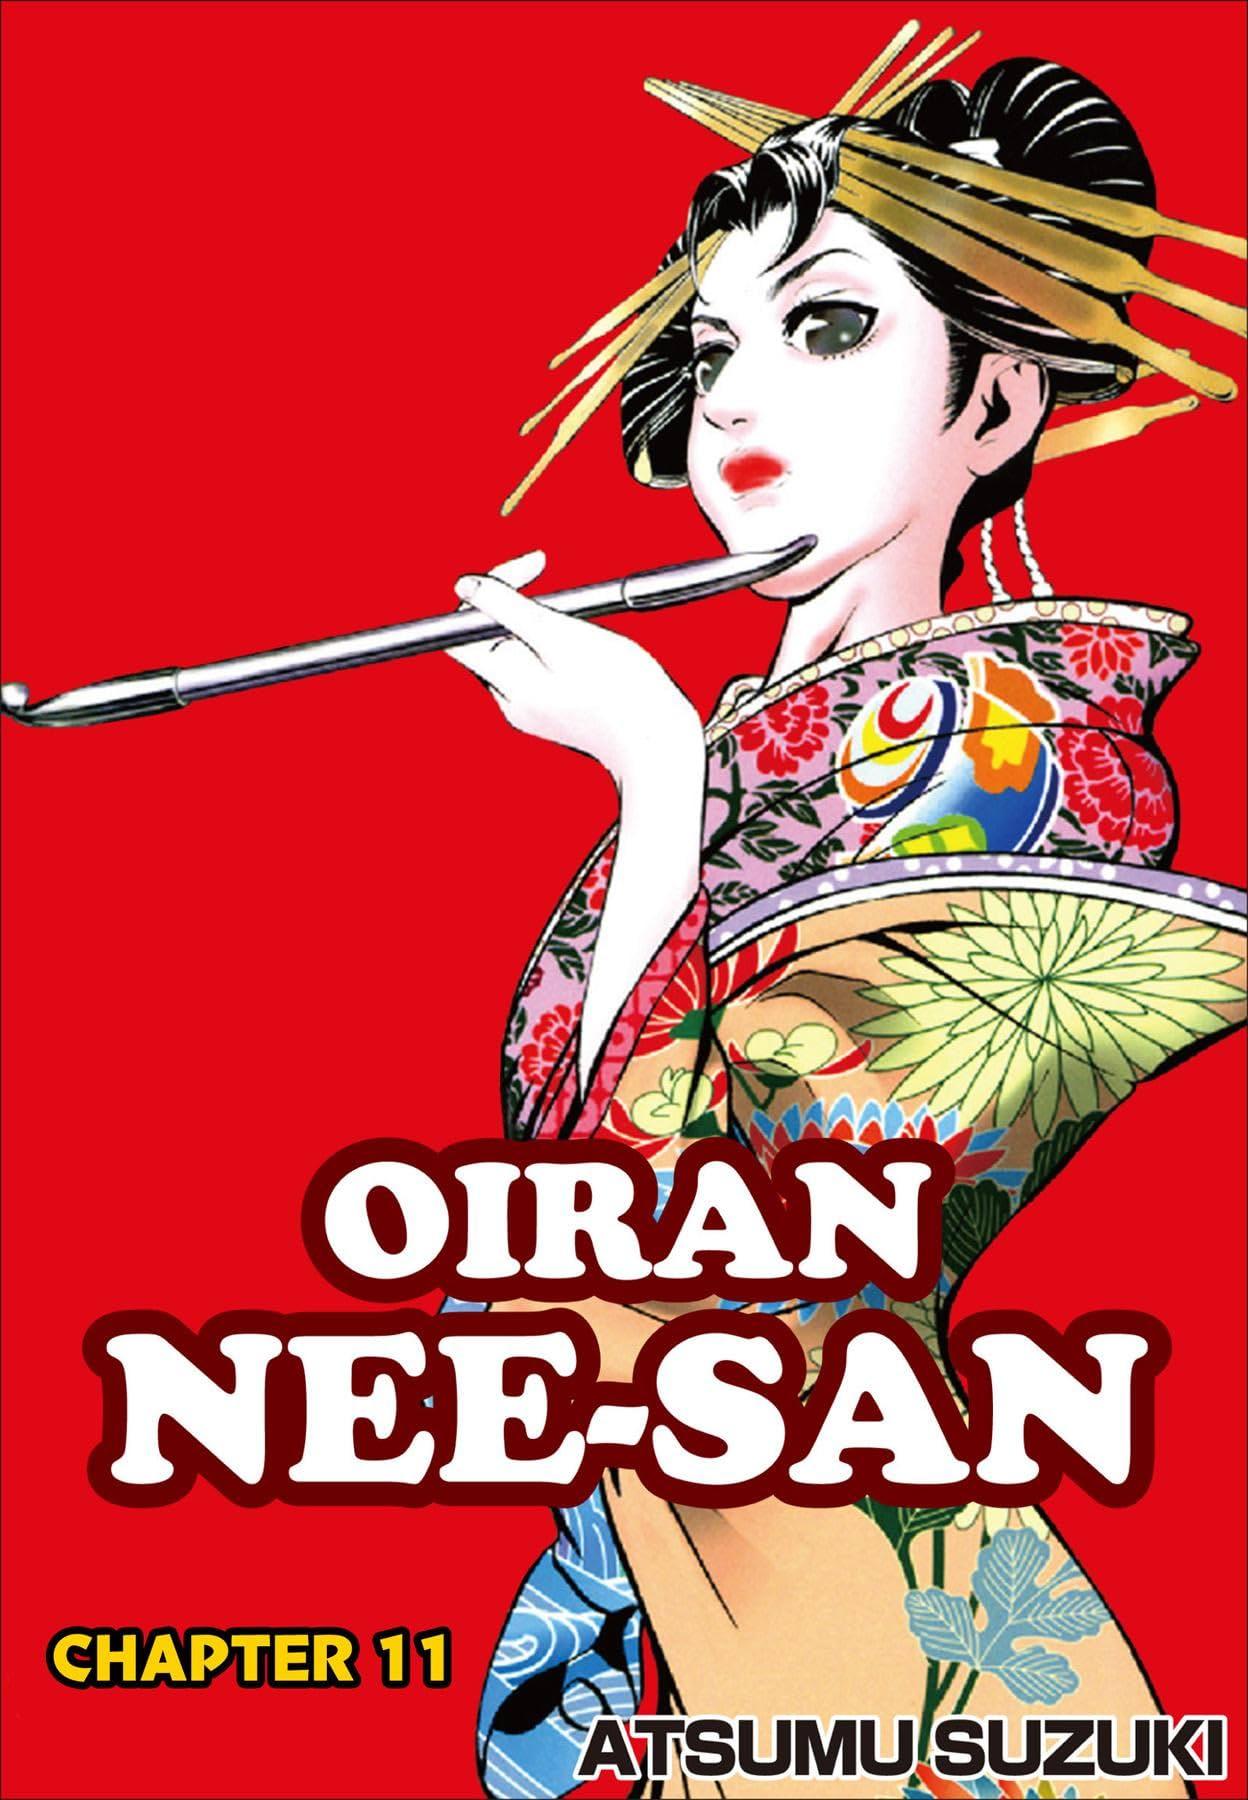 OIRAN NEE-SAN #11